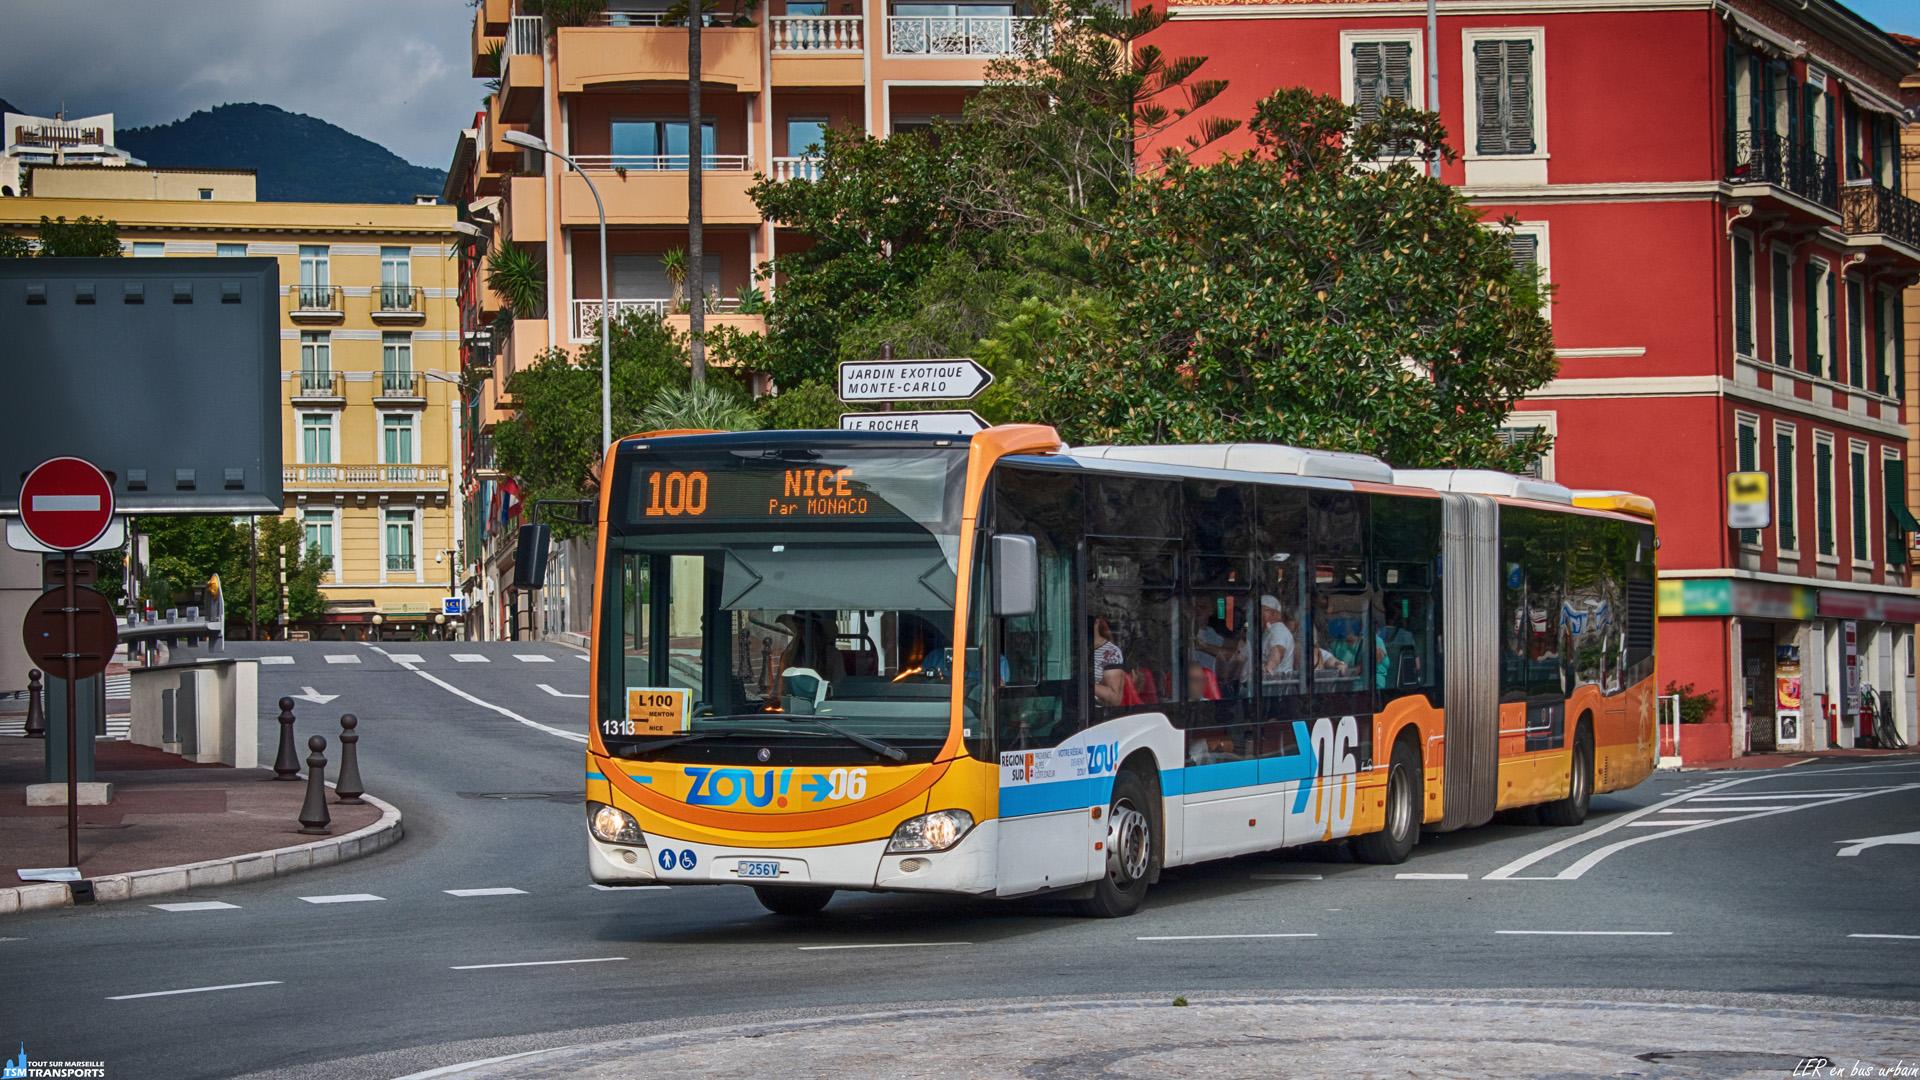 On a souvent l'habitude de voir des autocars sur les Lignes Express Régionales et pourtant il existe des exceptions, sur la French Riviera, des bus urbains et même articulés circulent sur une relation Nice - Menton. . Ici un Citaro 2 articulé, revêtu d'une livrée patchwork Lignes d'azur / Zou, vulgairement collé sur chaque côté, traverse la place du Canton, dans la Principauté de Monaco et fonce en direction de Nice. . ℹ️ Mercedes Benz Citaro 2 G Euro 6 Transdev RLM n°1313. . 📍 Place du Canton, 98000 Monaco. . ↔️ LER 100 : Menton - Nice. . 📖 Transdev RLM : Transdev Rapides Littoral Monégasques. . 📸 Nikon D5600. . 📷 Nikkor 18-55mm. . 📅 29 Septembre 2019 à 15:09.